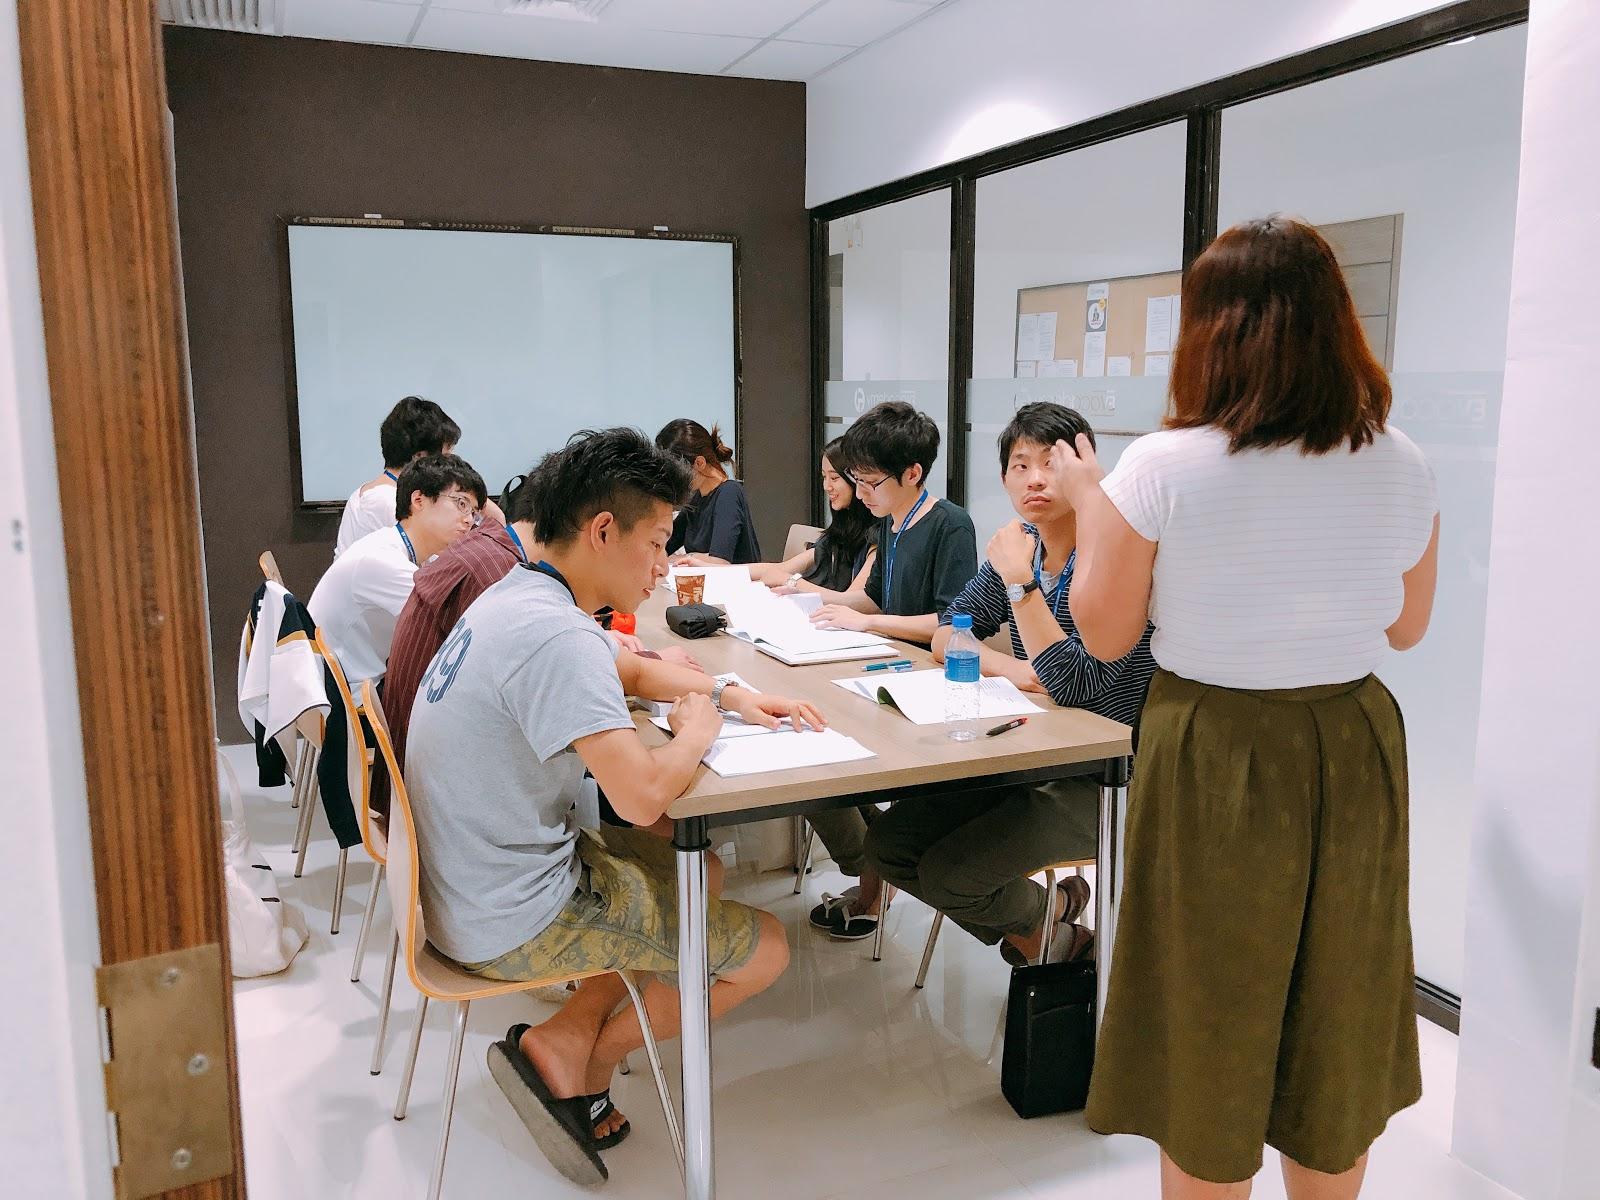 菲律賓遊學心得團體課